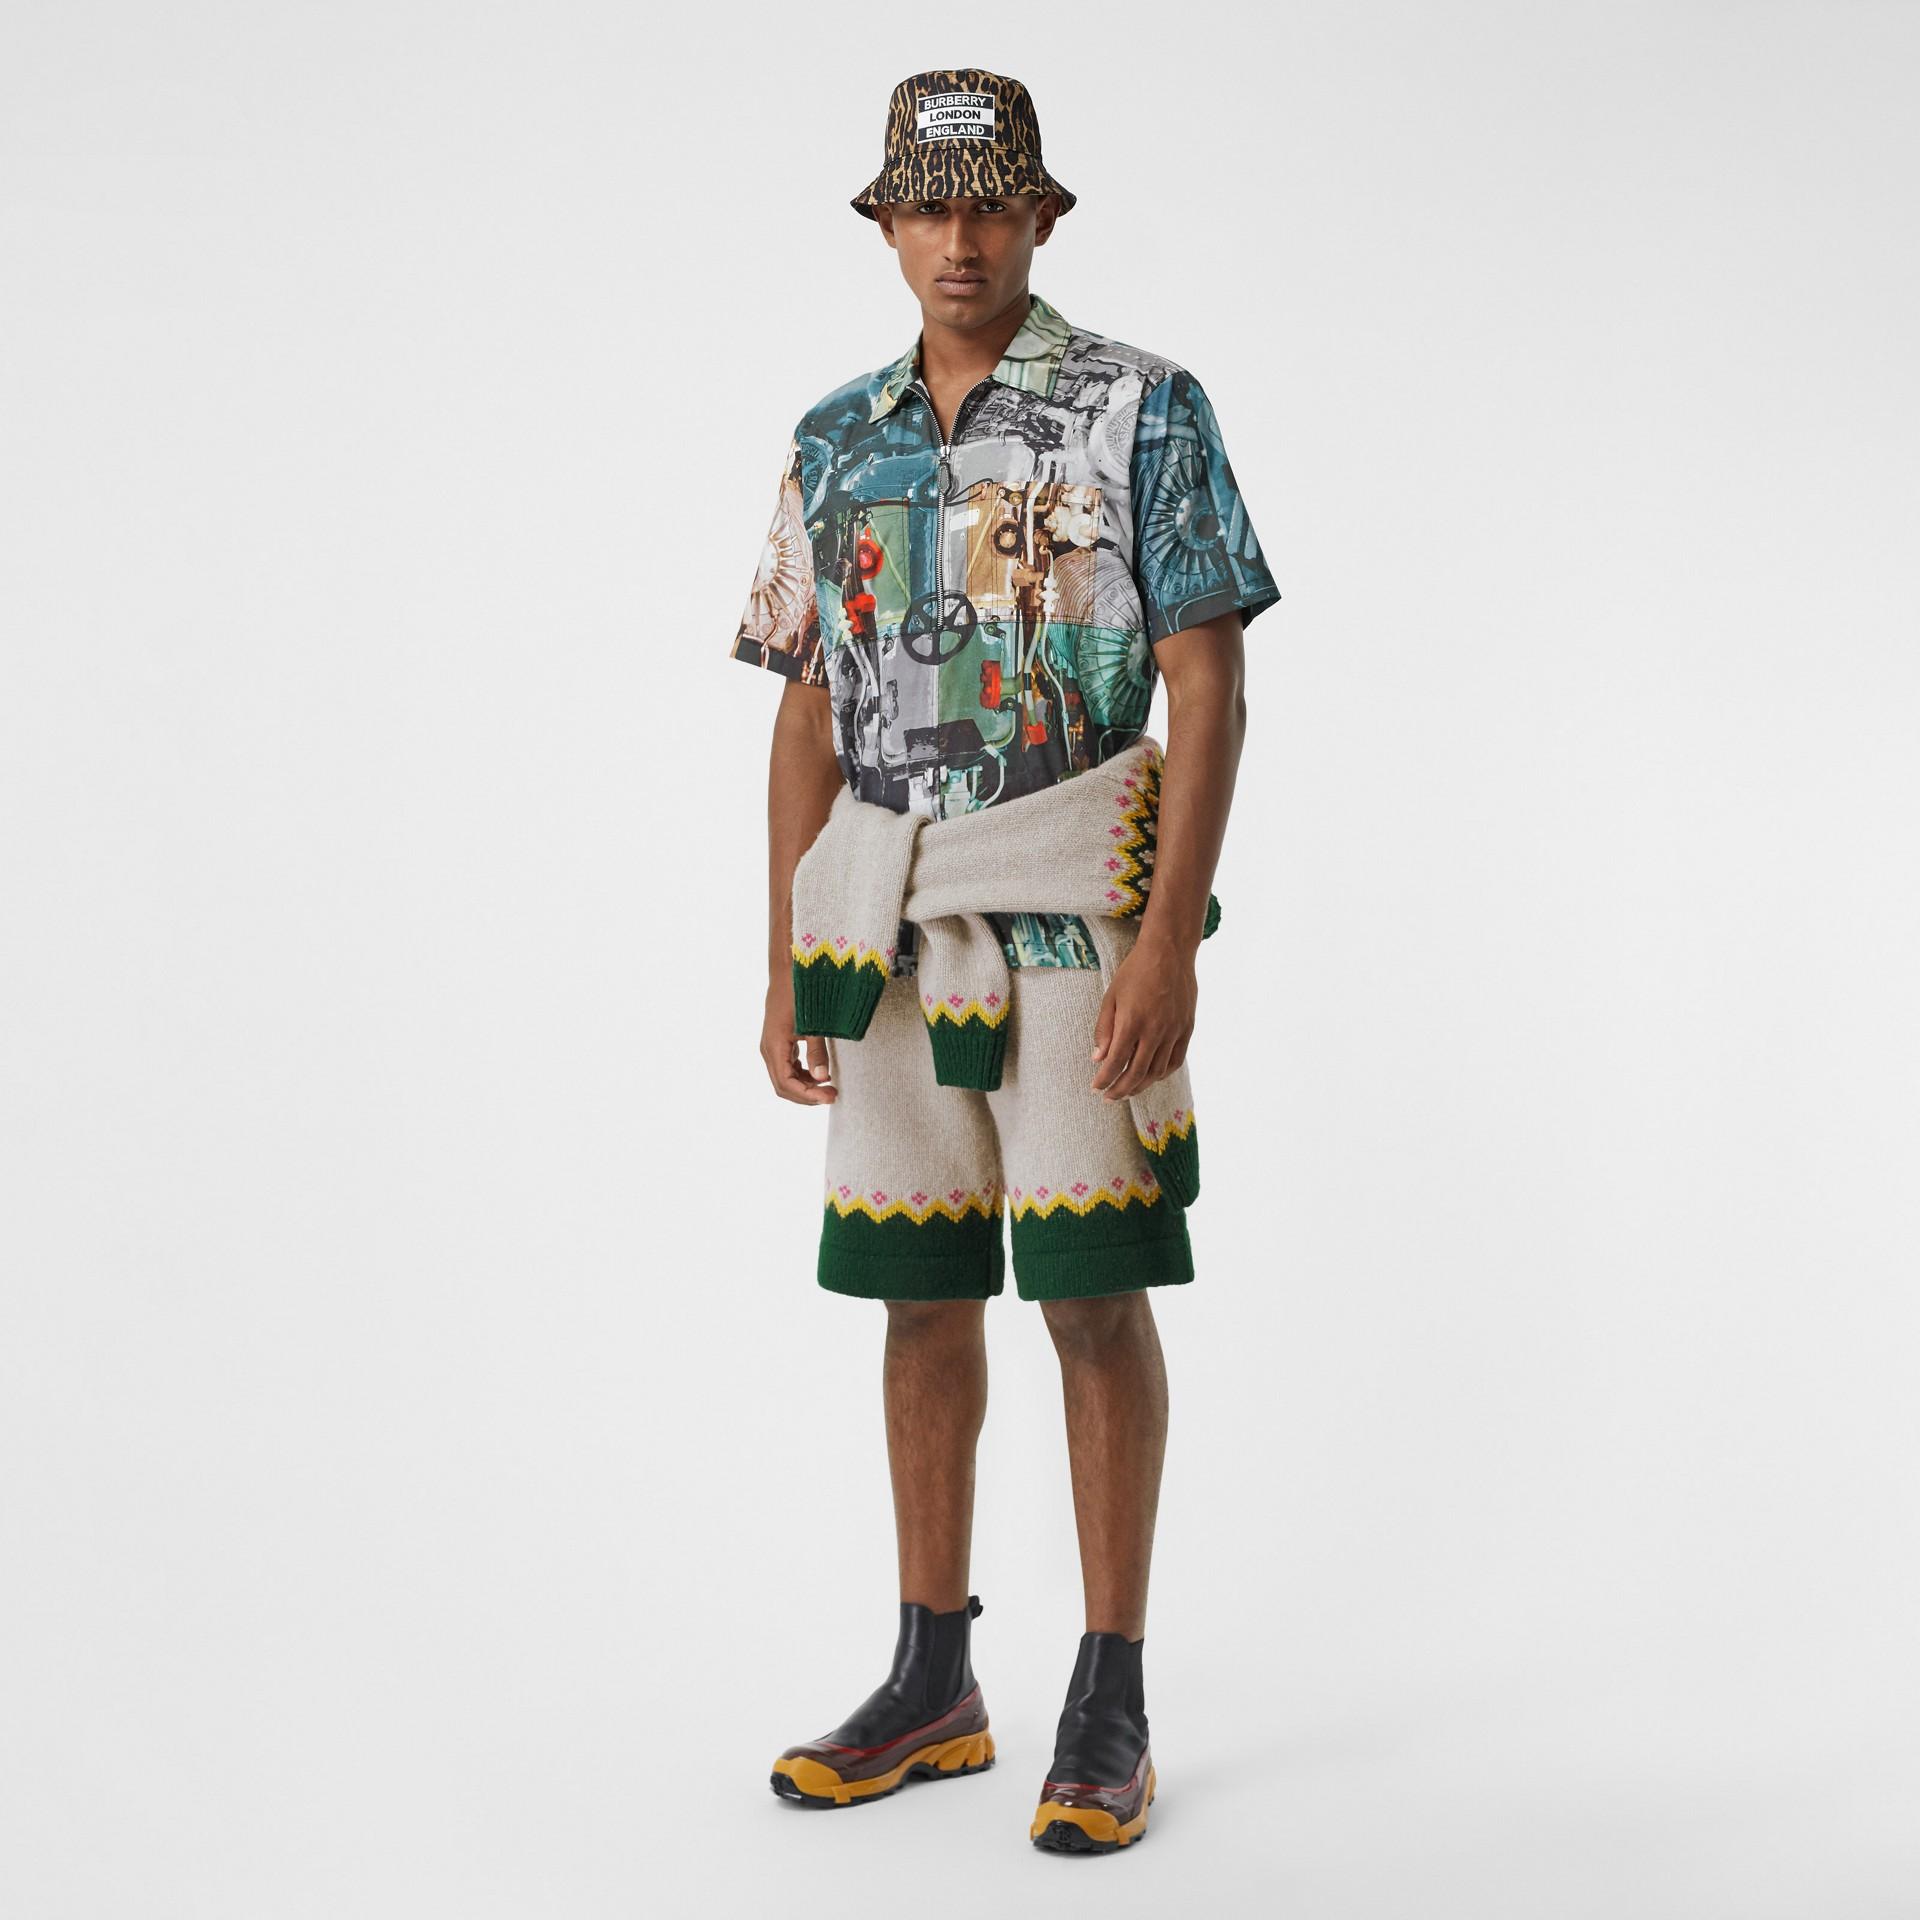 ショートスリーブ サブマリンプリント コットンシャツ (マルチカラー) - メンズ | バーバリー - ギャラリーイメージ 0